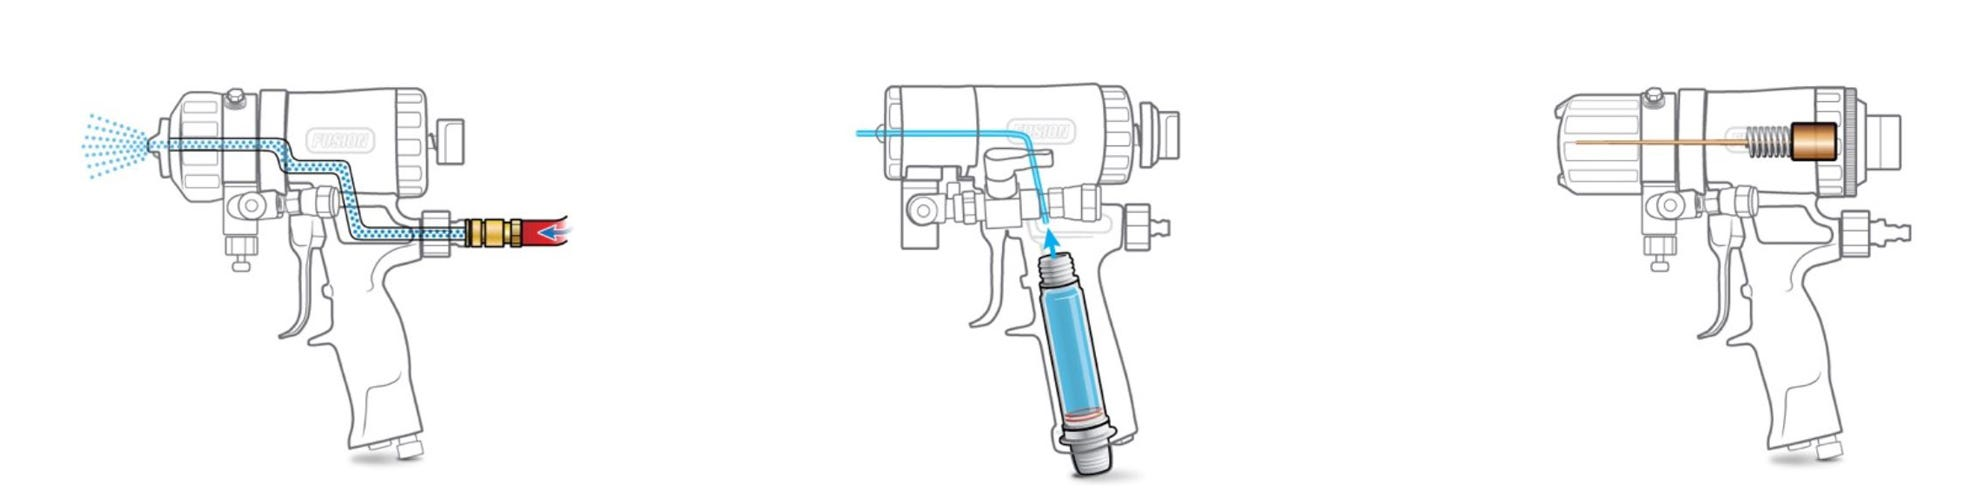 Graco Fusion MP Spray Gun